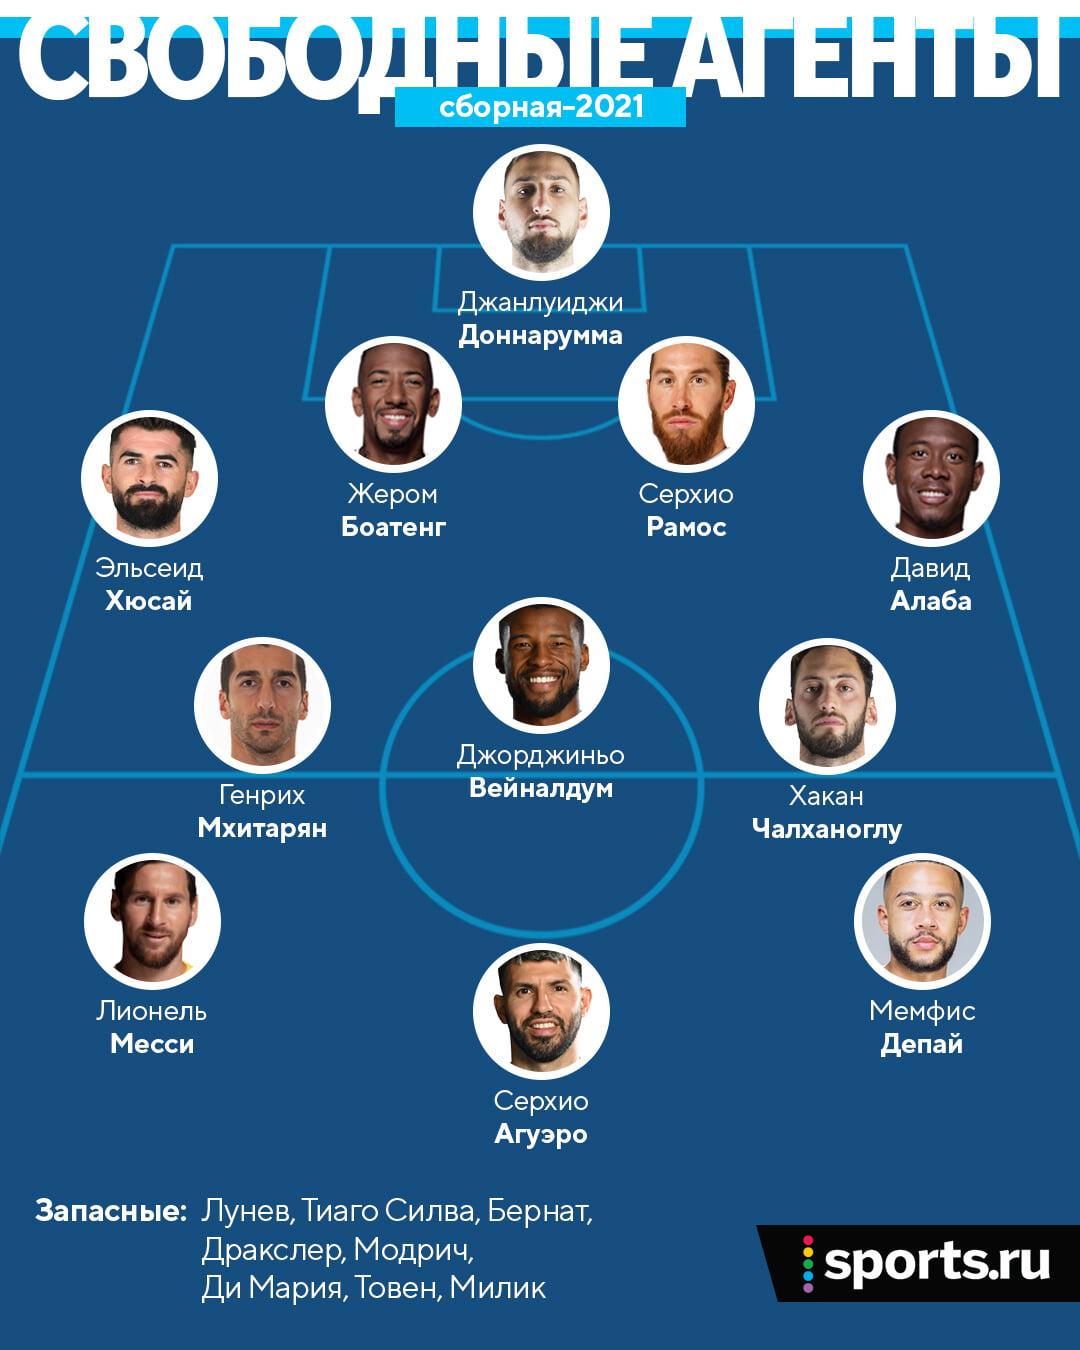 Мы собрали сборную звезд, у которых заканчивается контракт – с 1 января они могут договариваться с другими клубами. Тут Месси, Рамос и Агуэро